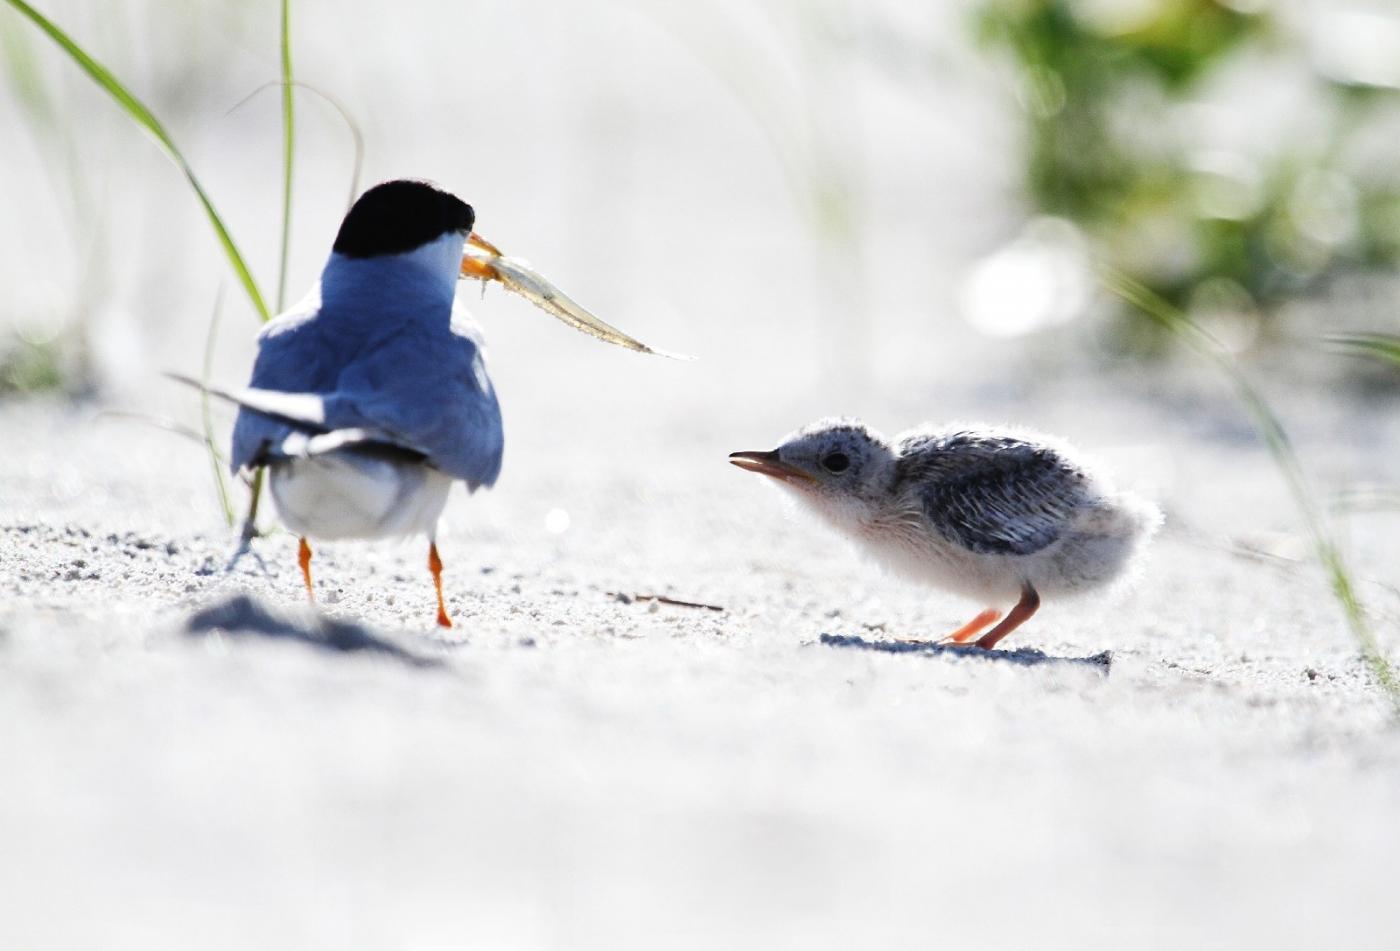 【田螺摄影】黄嘴燕鸥整个出生成长的过程_图1-3